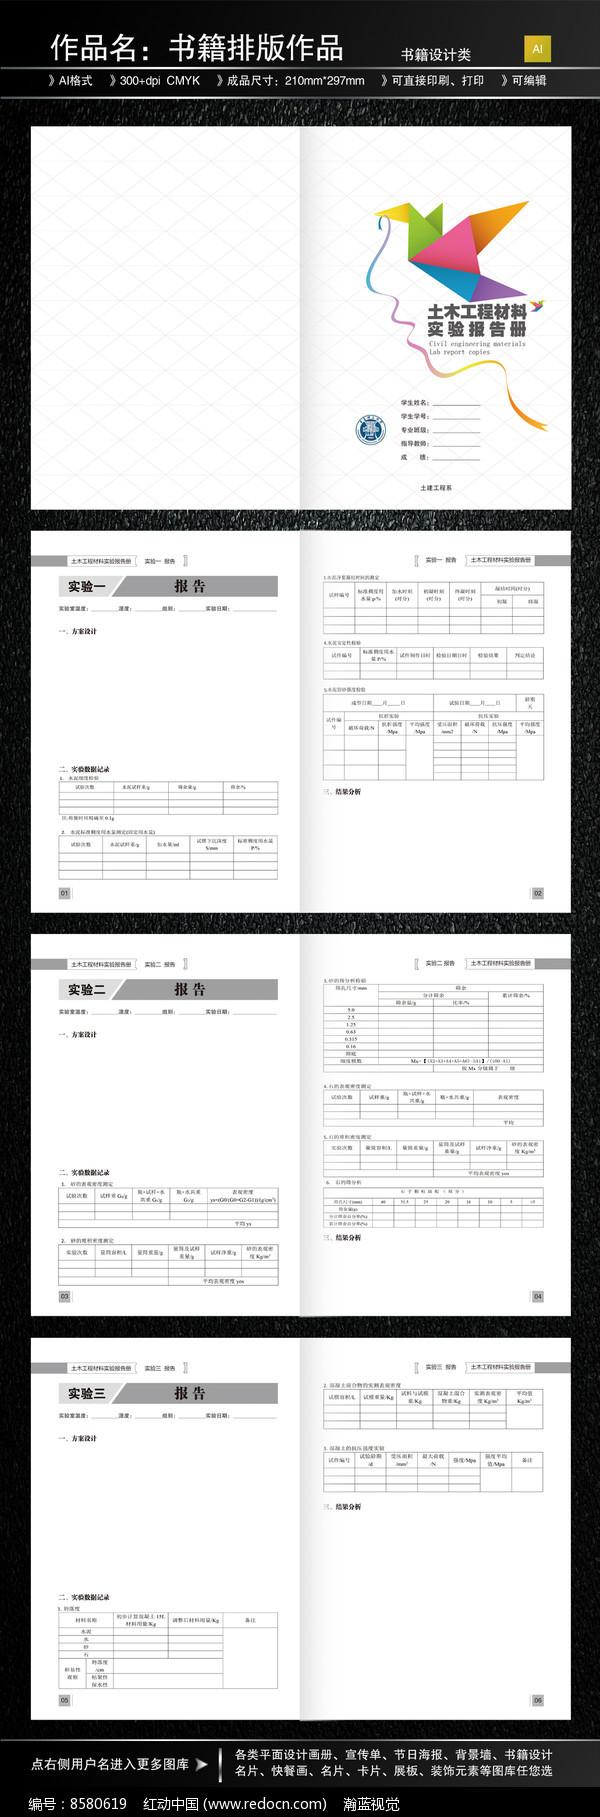 土木工程书排版图片